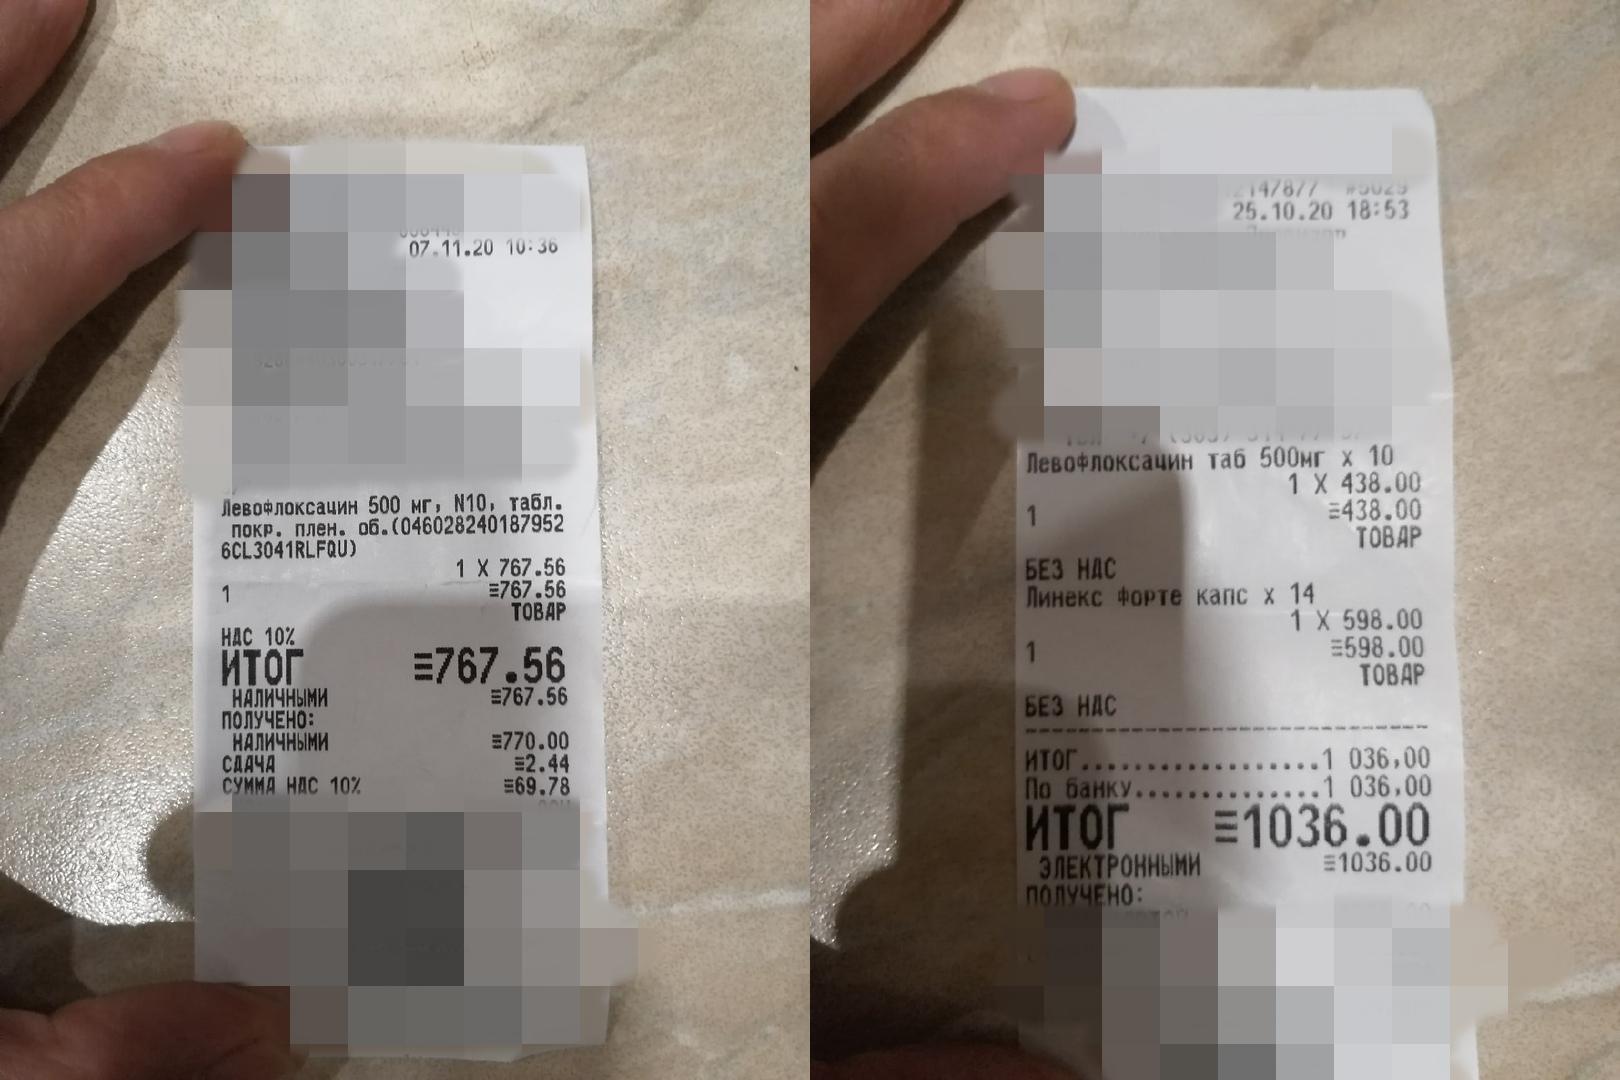 Фото Препарат от коронавируса в муниципальной аптеке Новосибирска оказался дороже, чем в частной 2